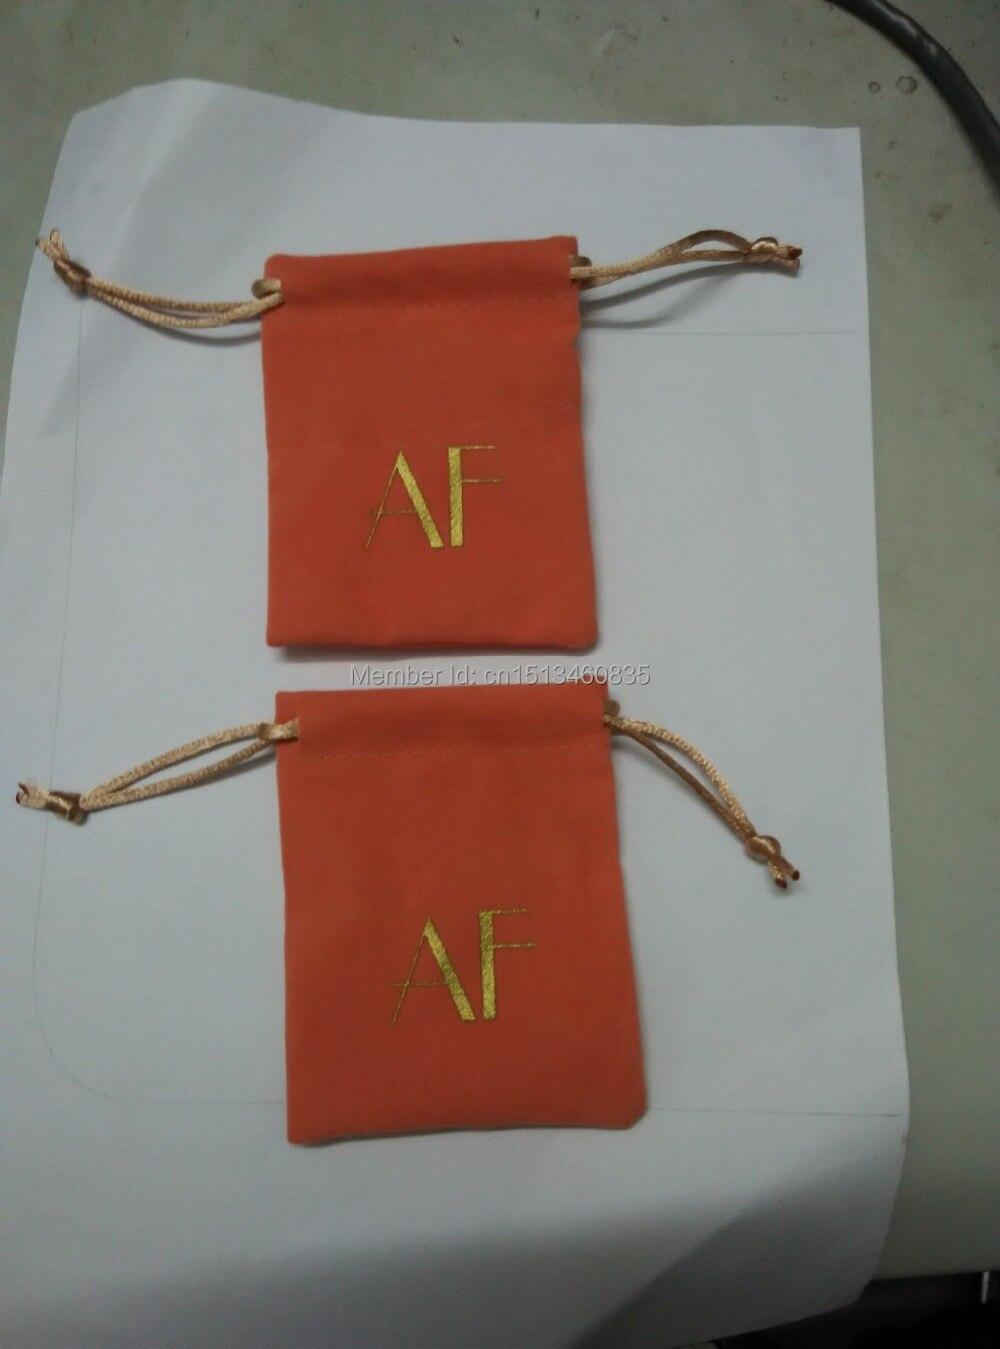 55ce3c02f9 CBRL personnaliser petit velours poche de bijoux de velours pochette cadeau  velours cordon de poche de sac avec logo personnalisé chapeaux sac